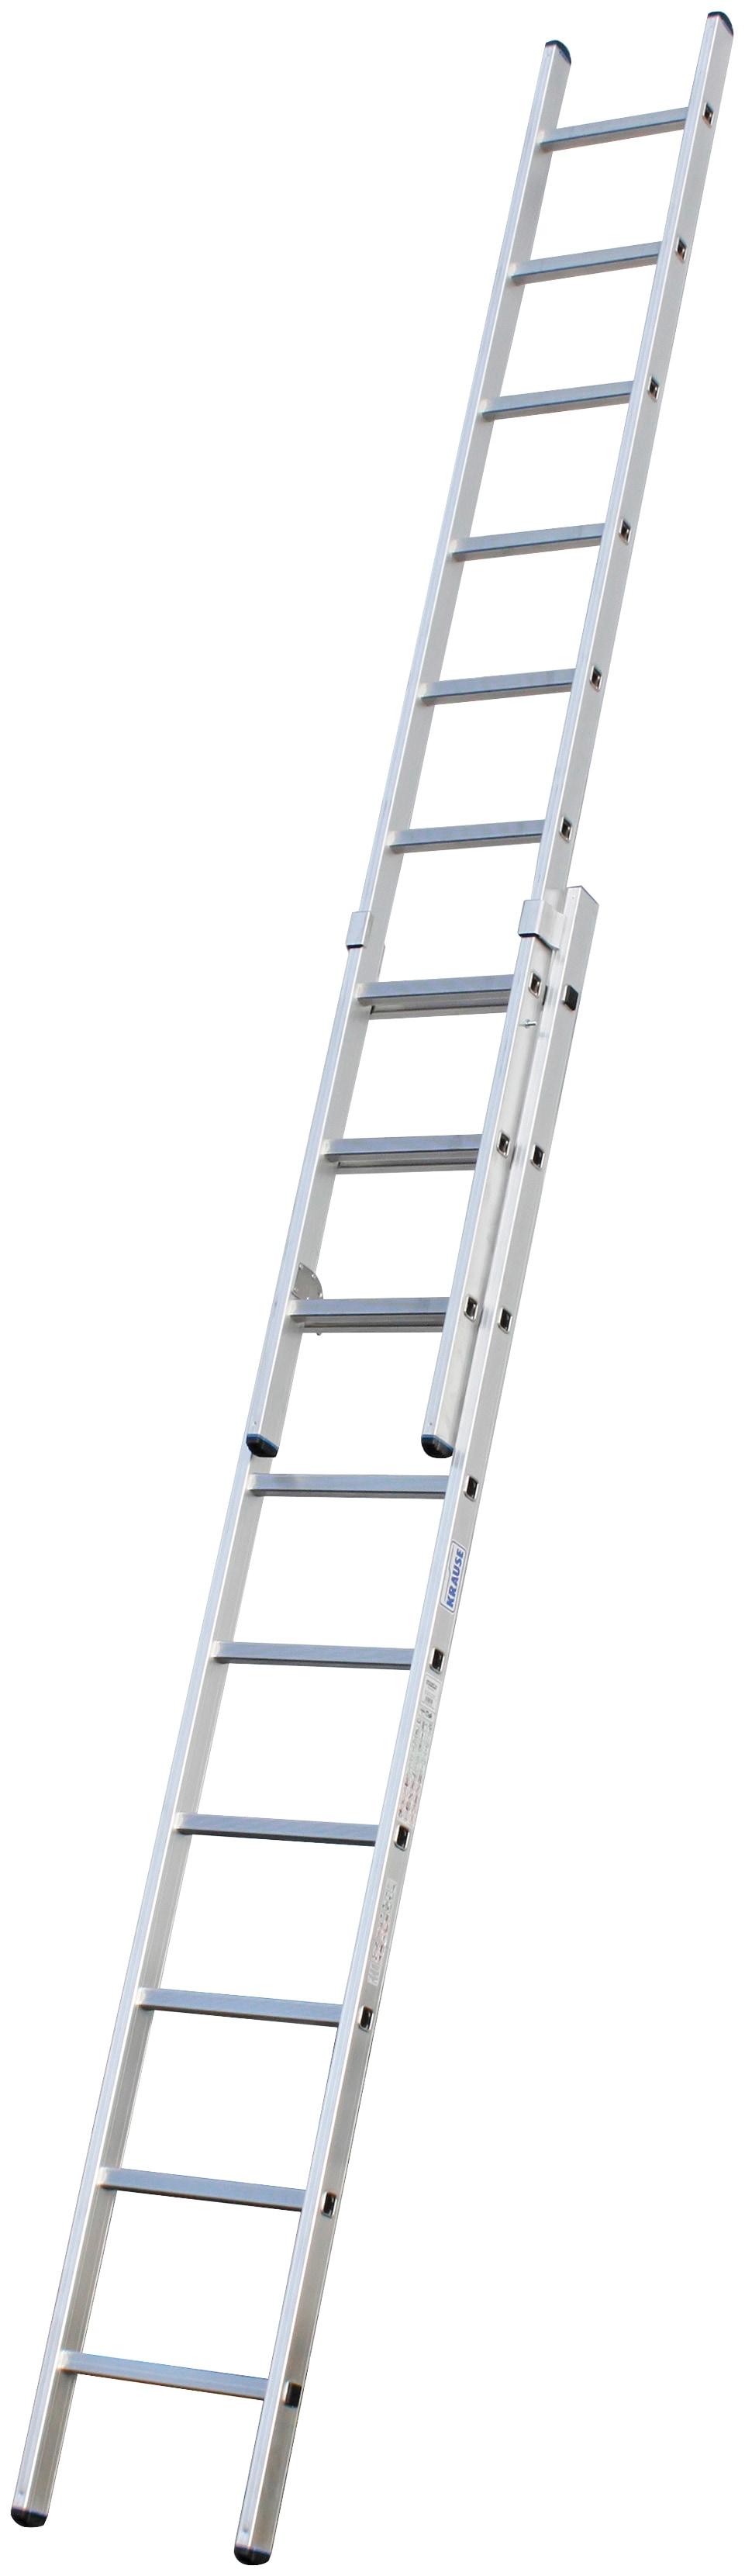 KRAUSE Schiebeleiter »STABILO«, zweiteilig | Baumarkt > Leitern und Treppen > Schiebeleiter | Silberfarben | Aluminium | KRAUSE